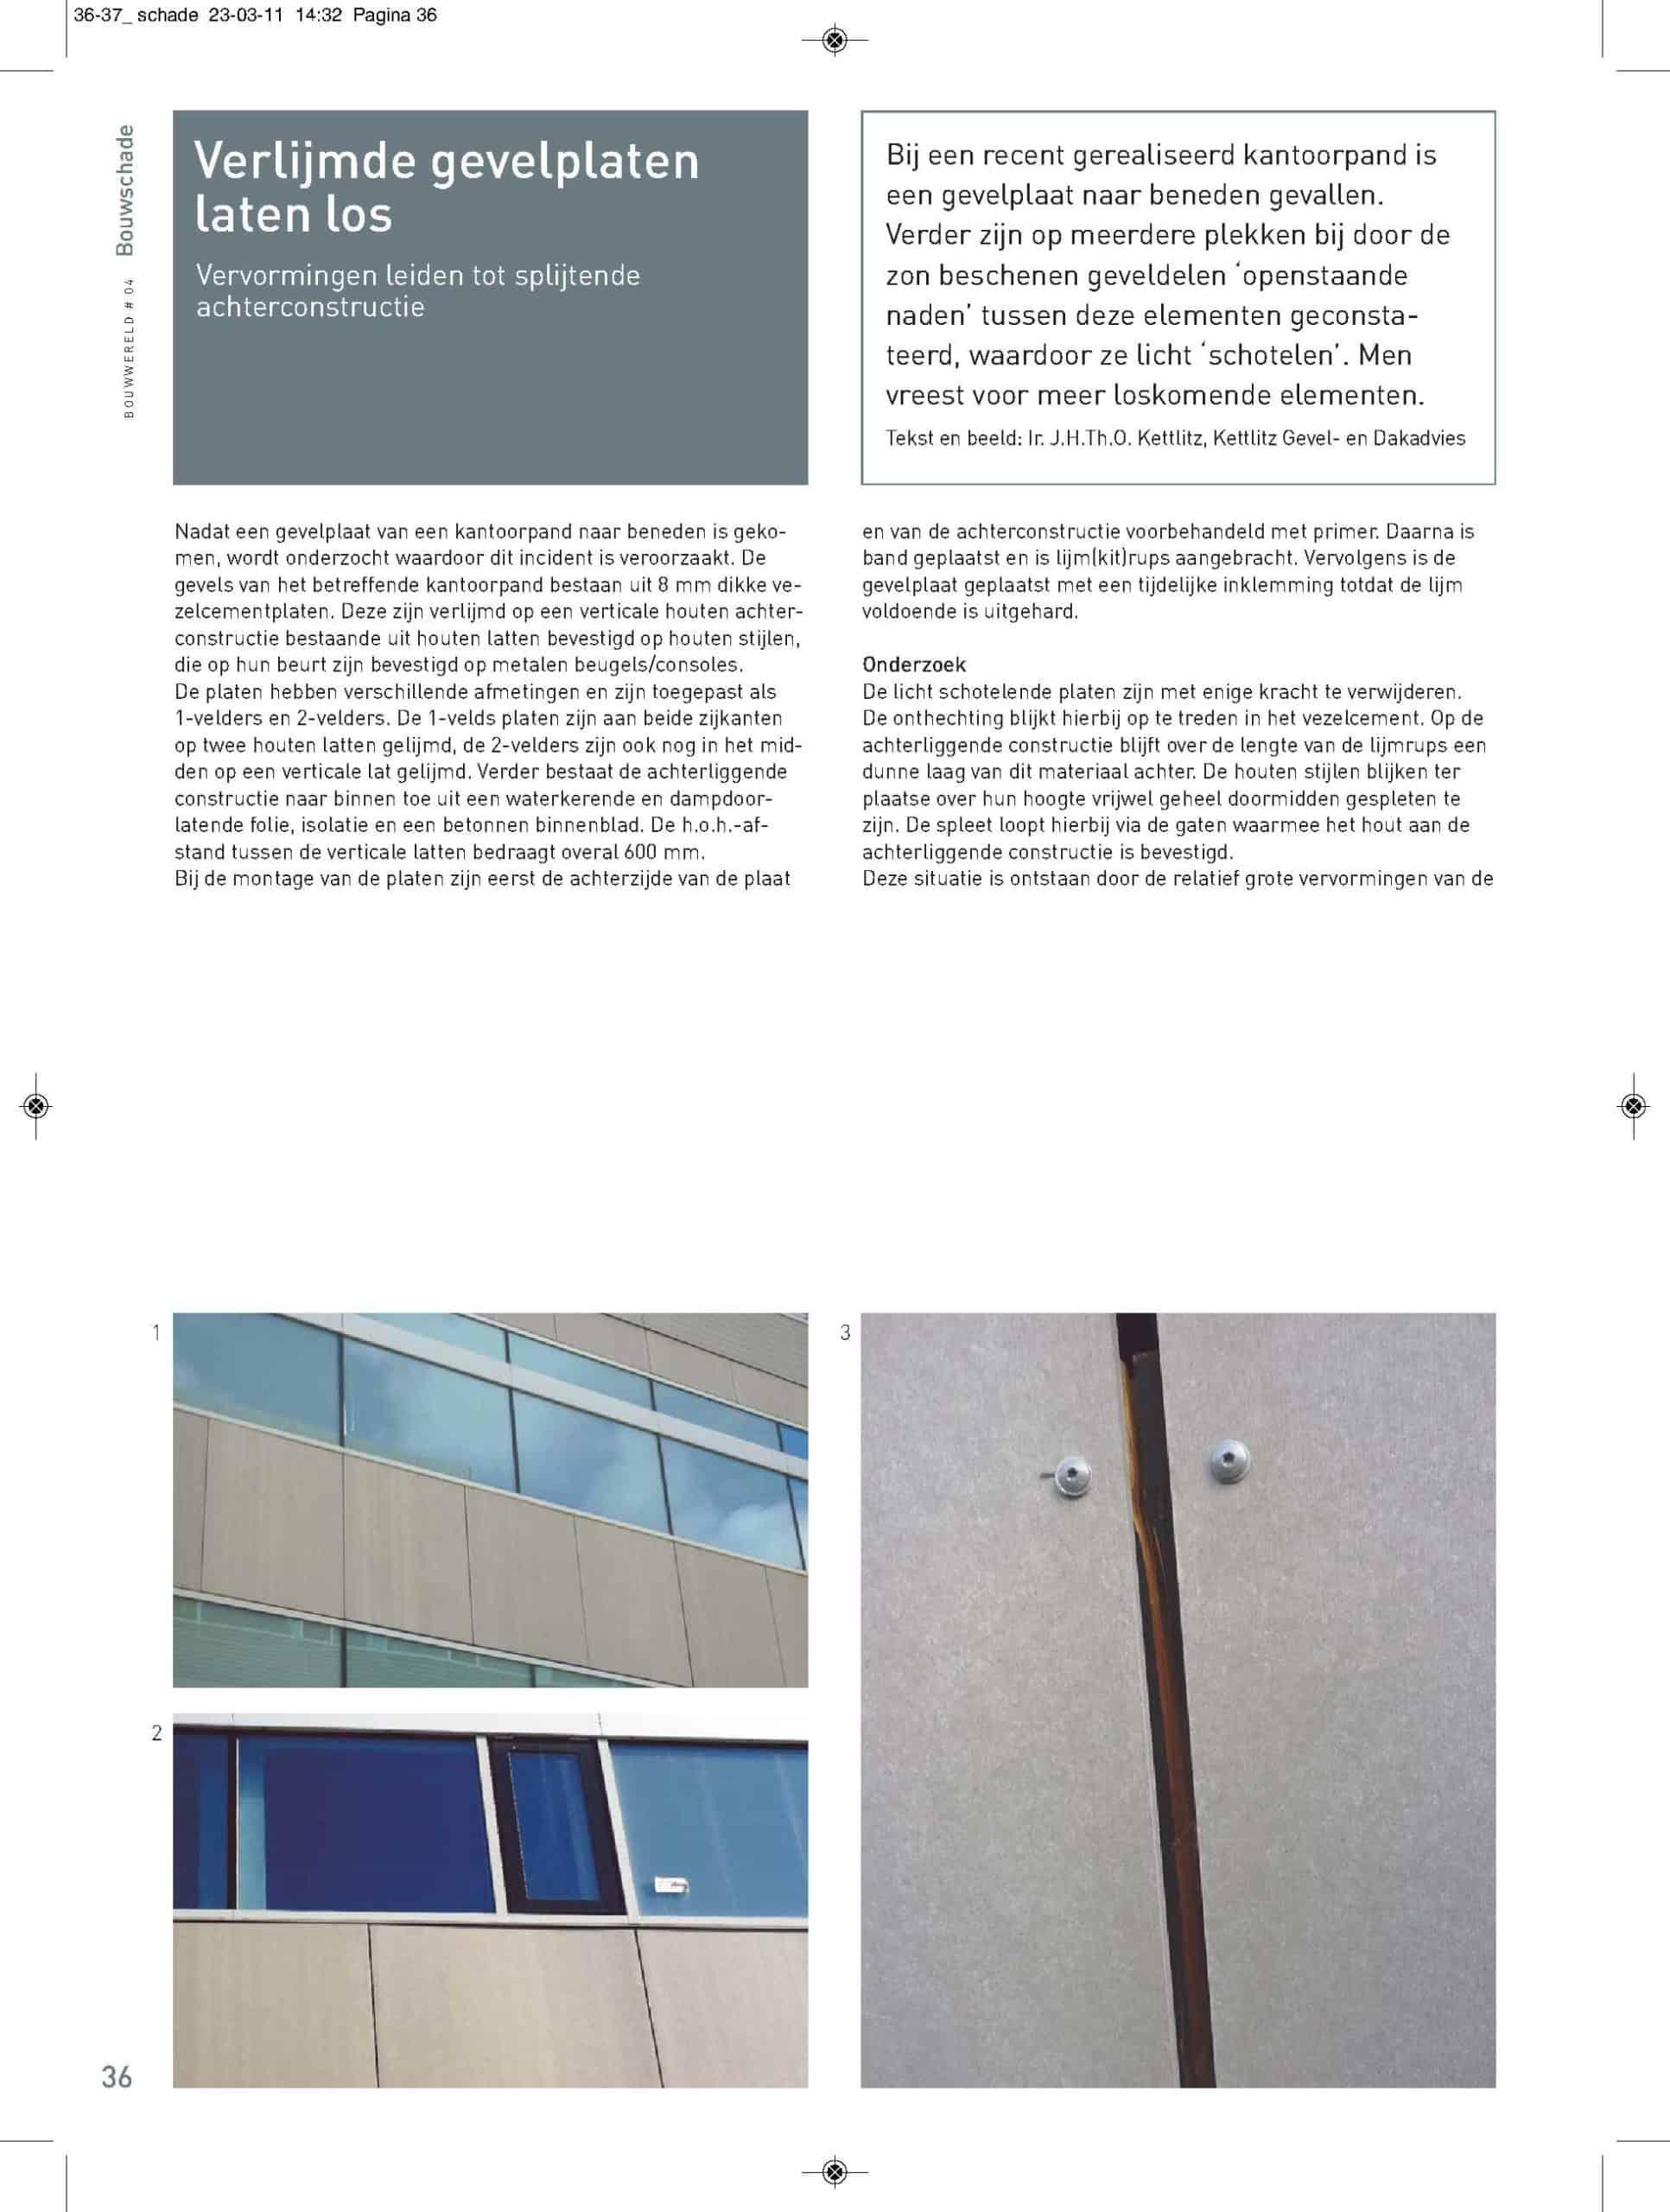 Bouwwereld_2011-04_Verlijmde-gevelplaten-laten-los_1-3-scaled